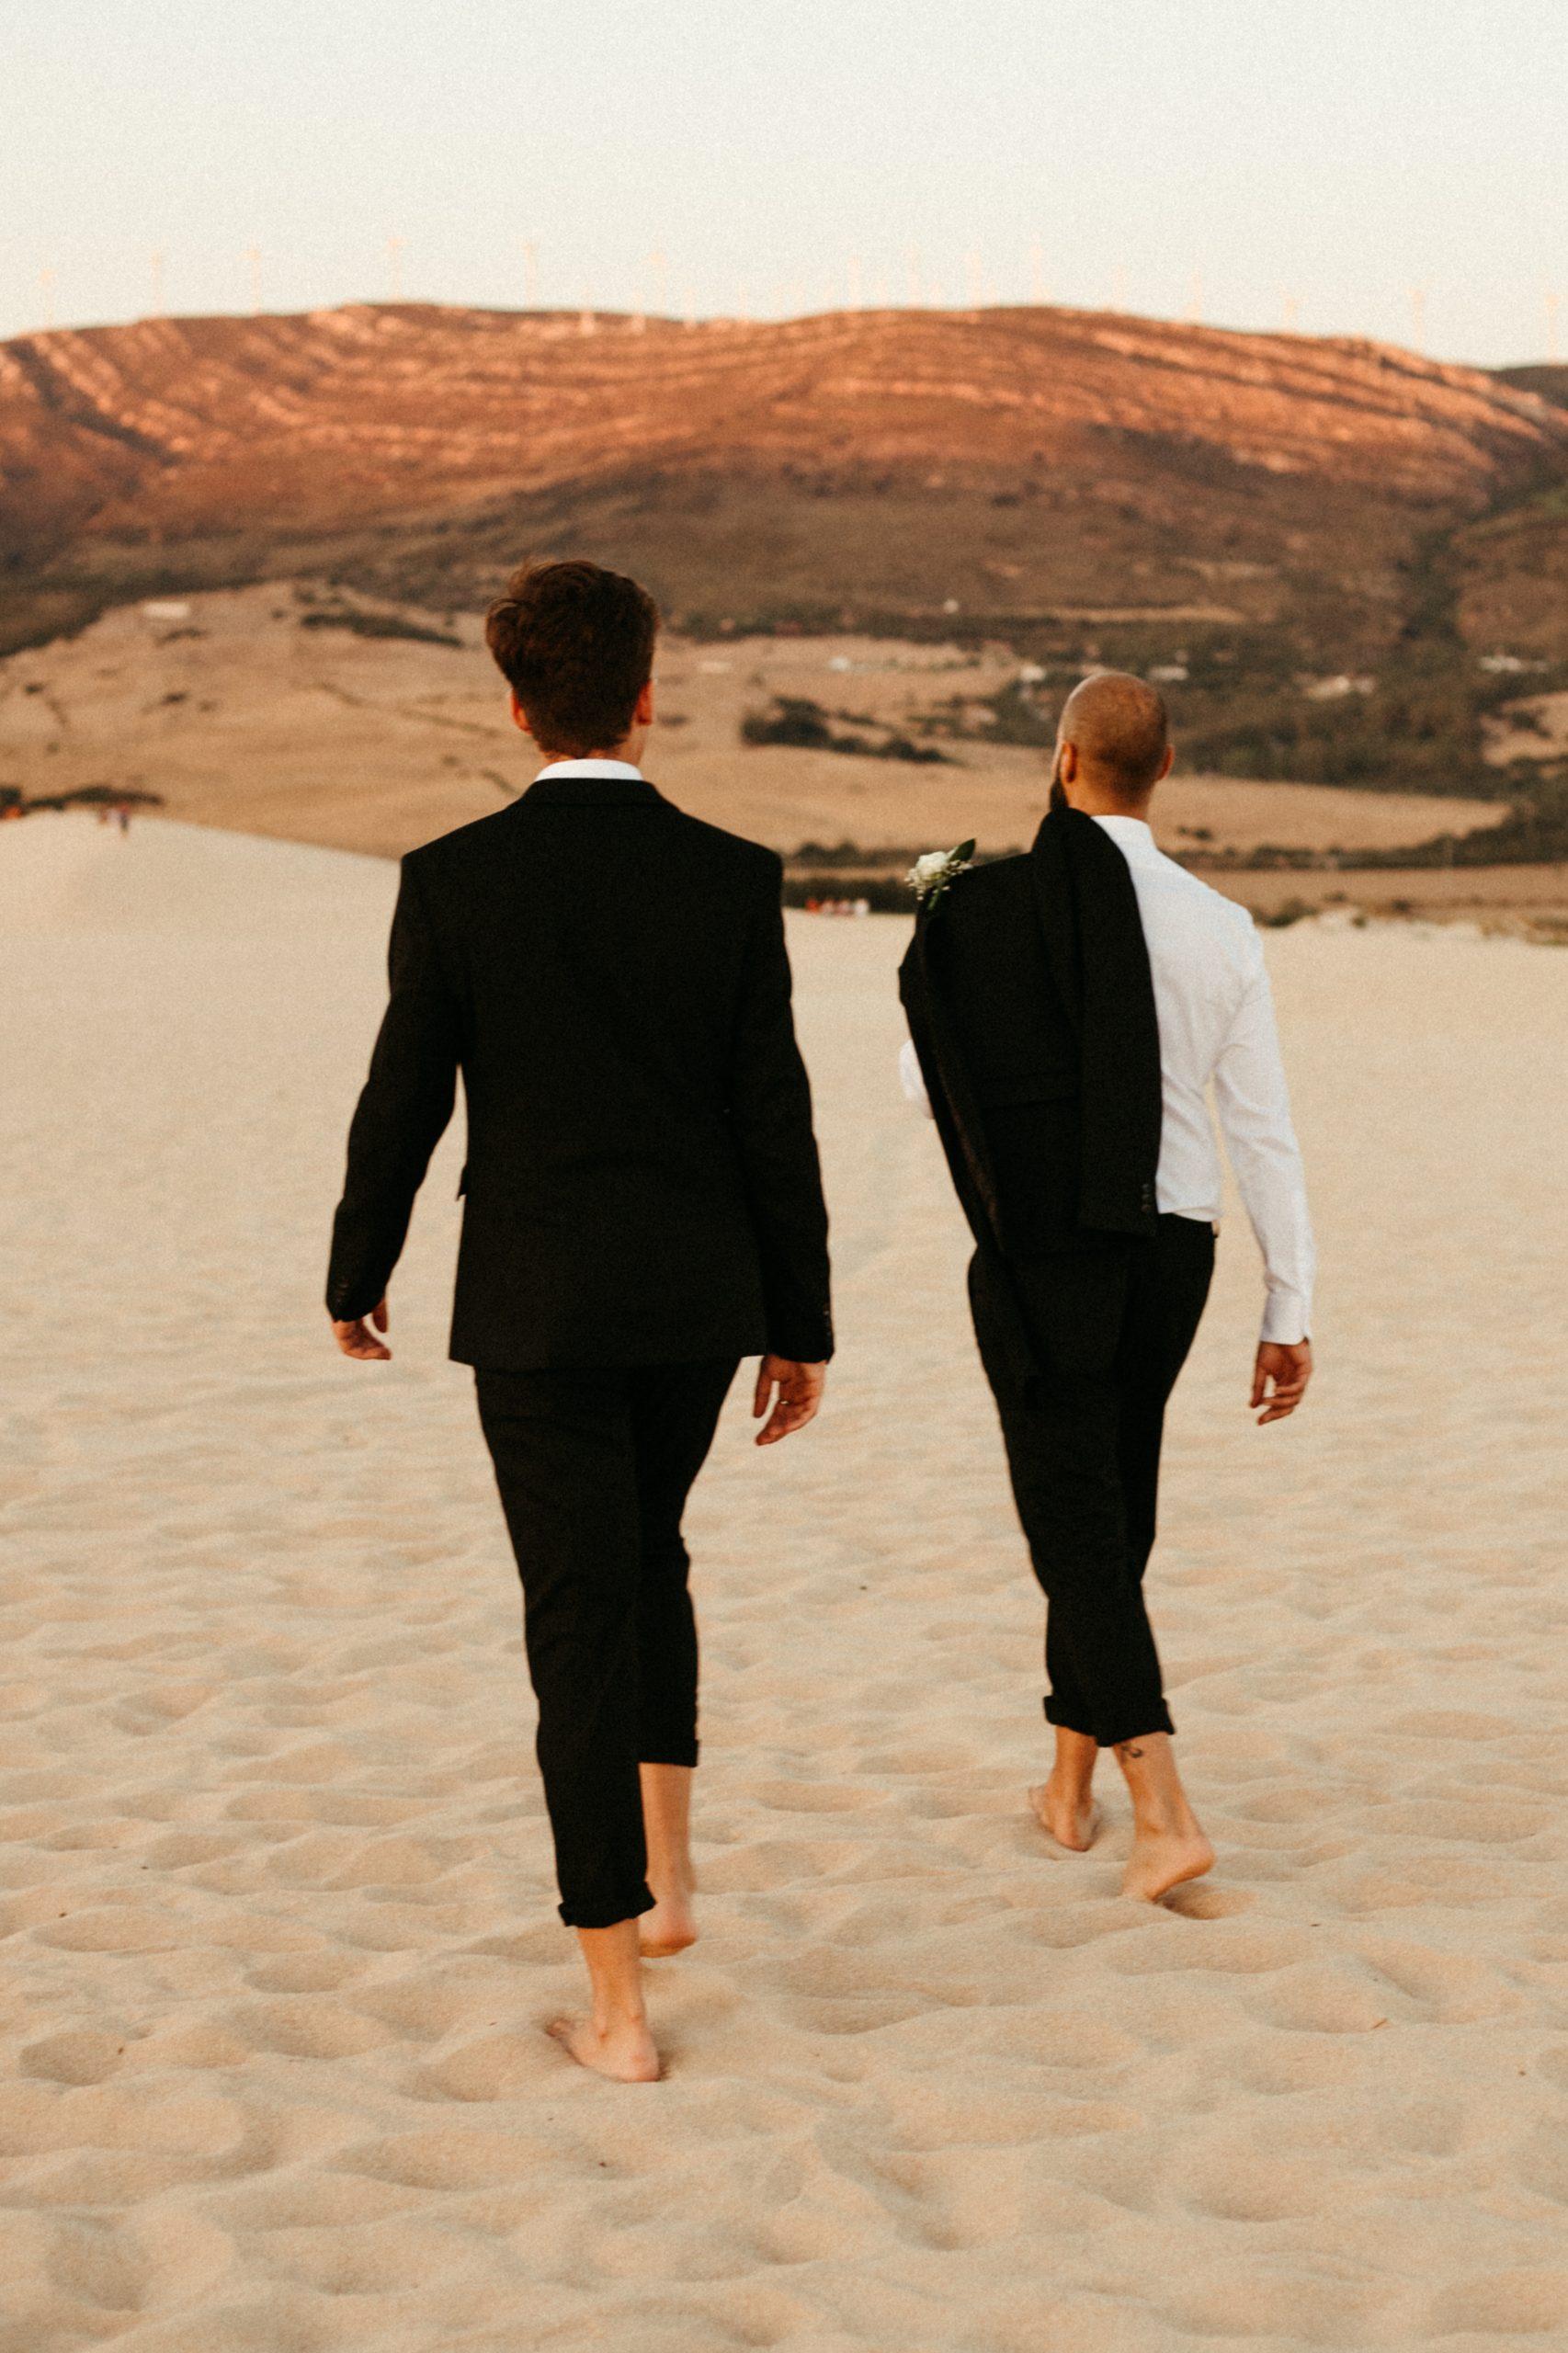 UtopicLovers film photo Mariage Elopement 2019 133 1 scaled - Se dire oui les pieds dans le sable en Andalousie.